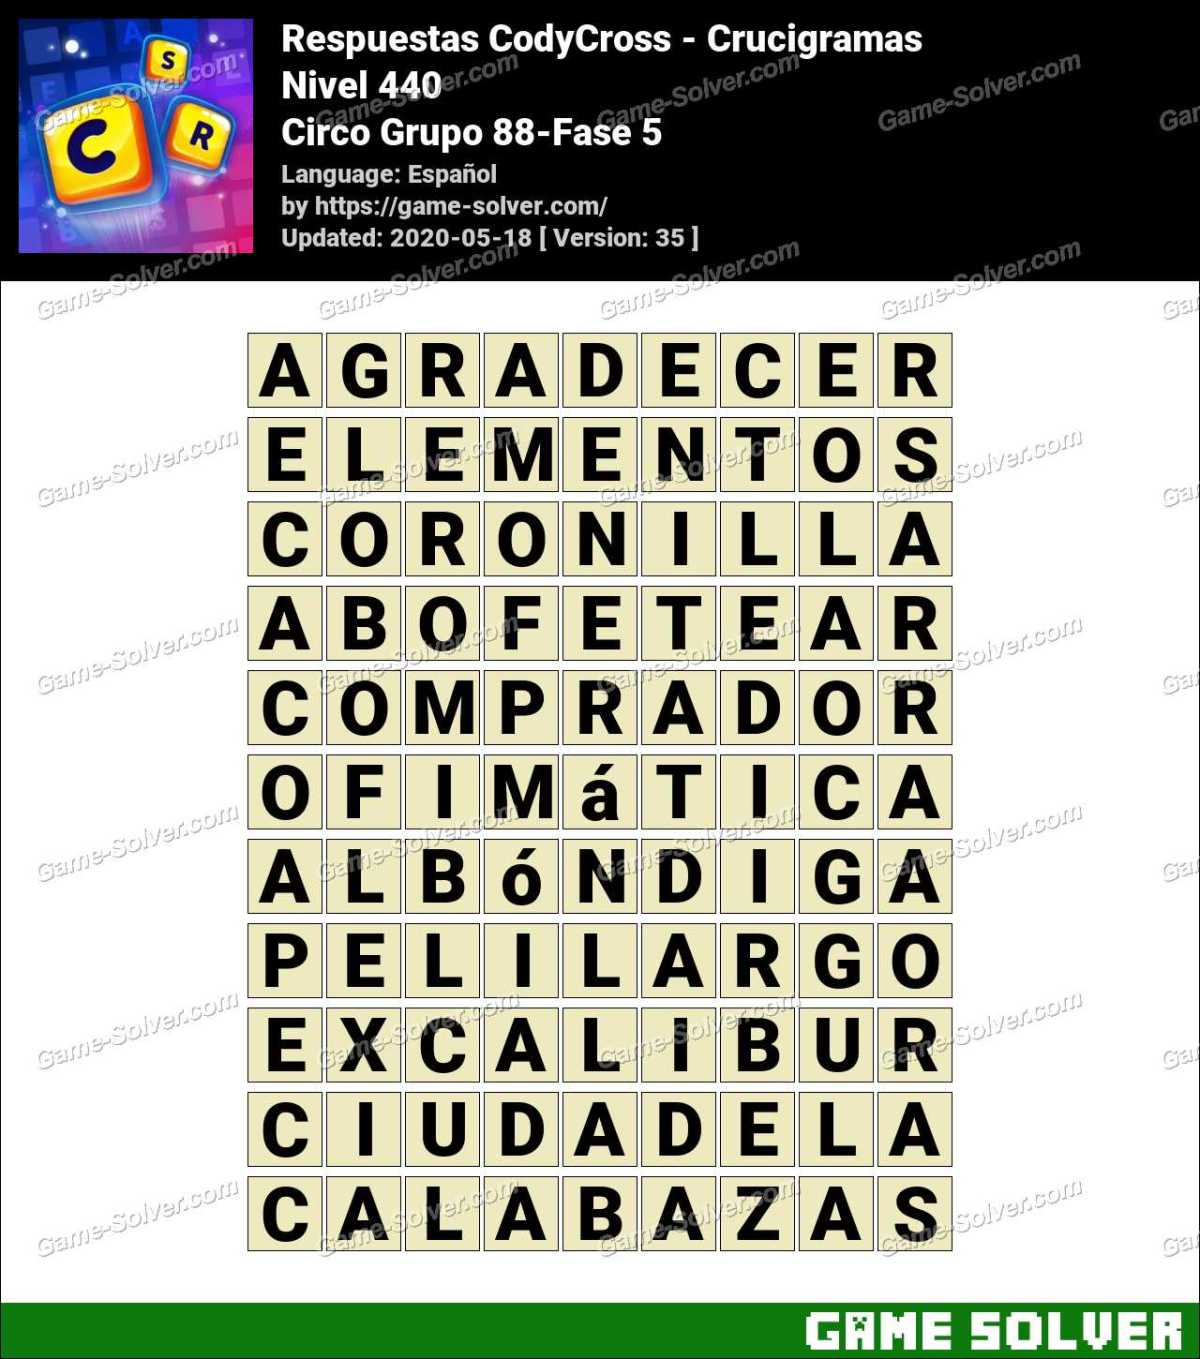 Respuestas CodyCross Circo Grupo 88-Fase 5